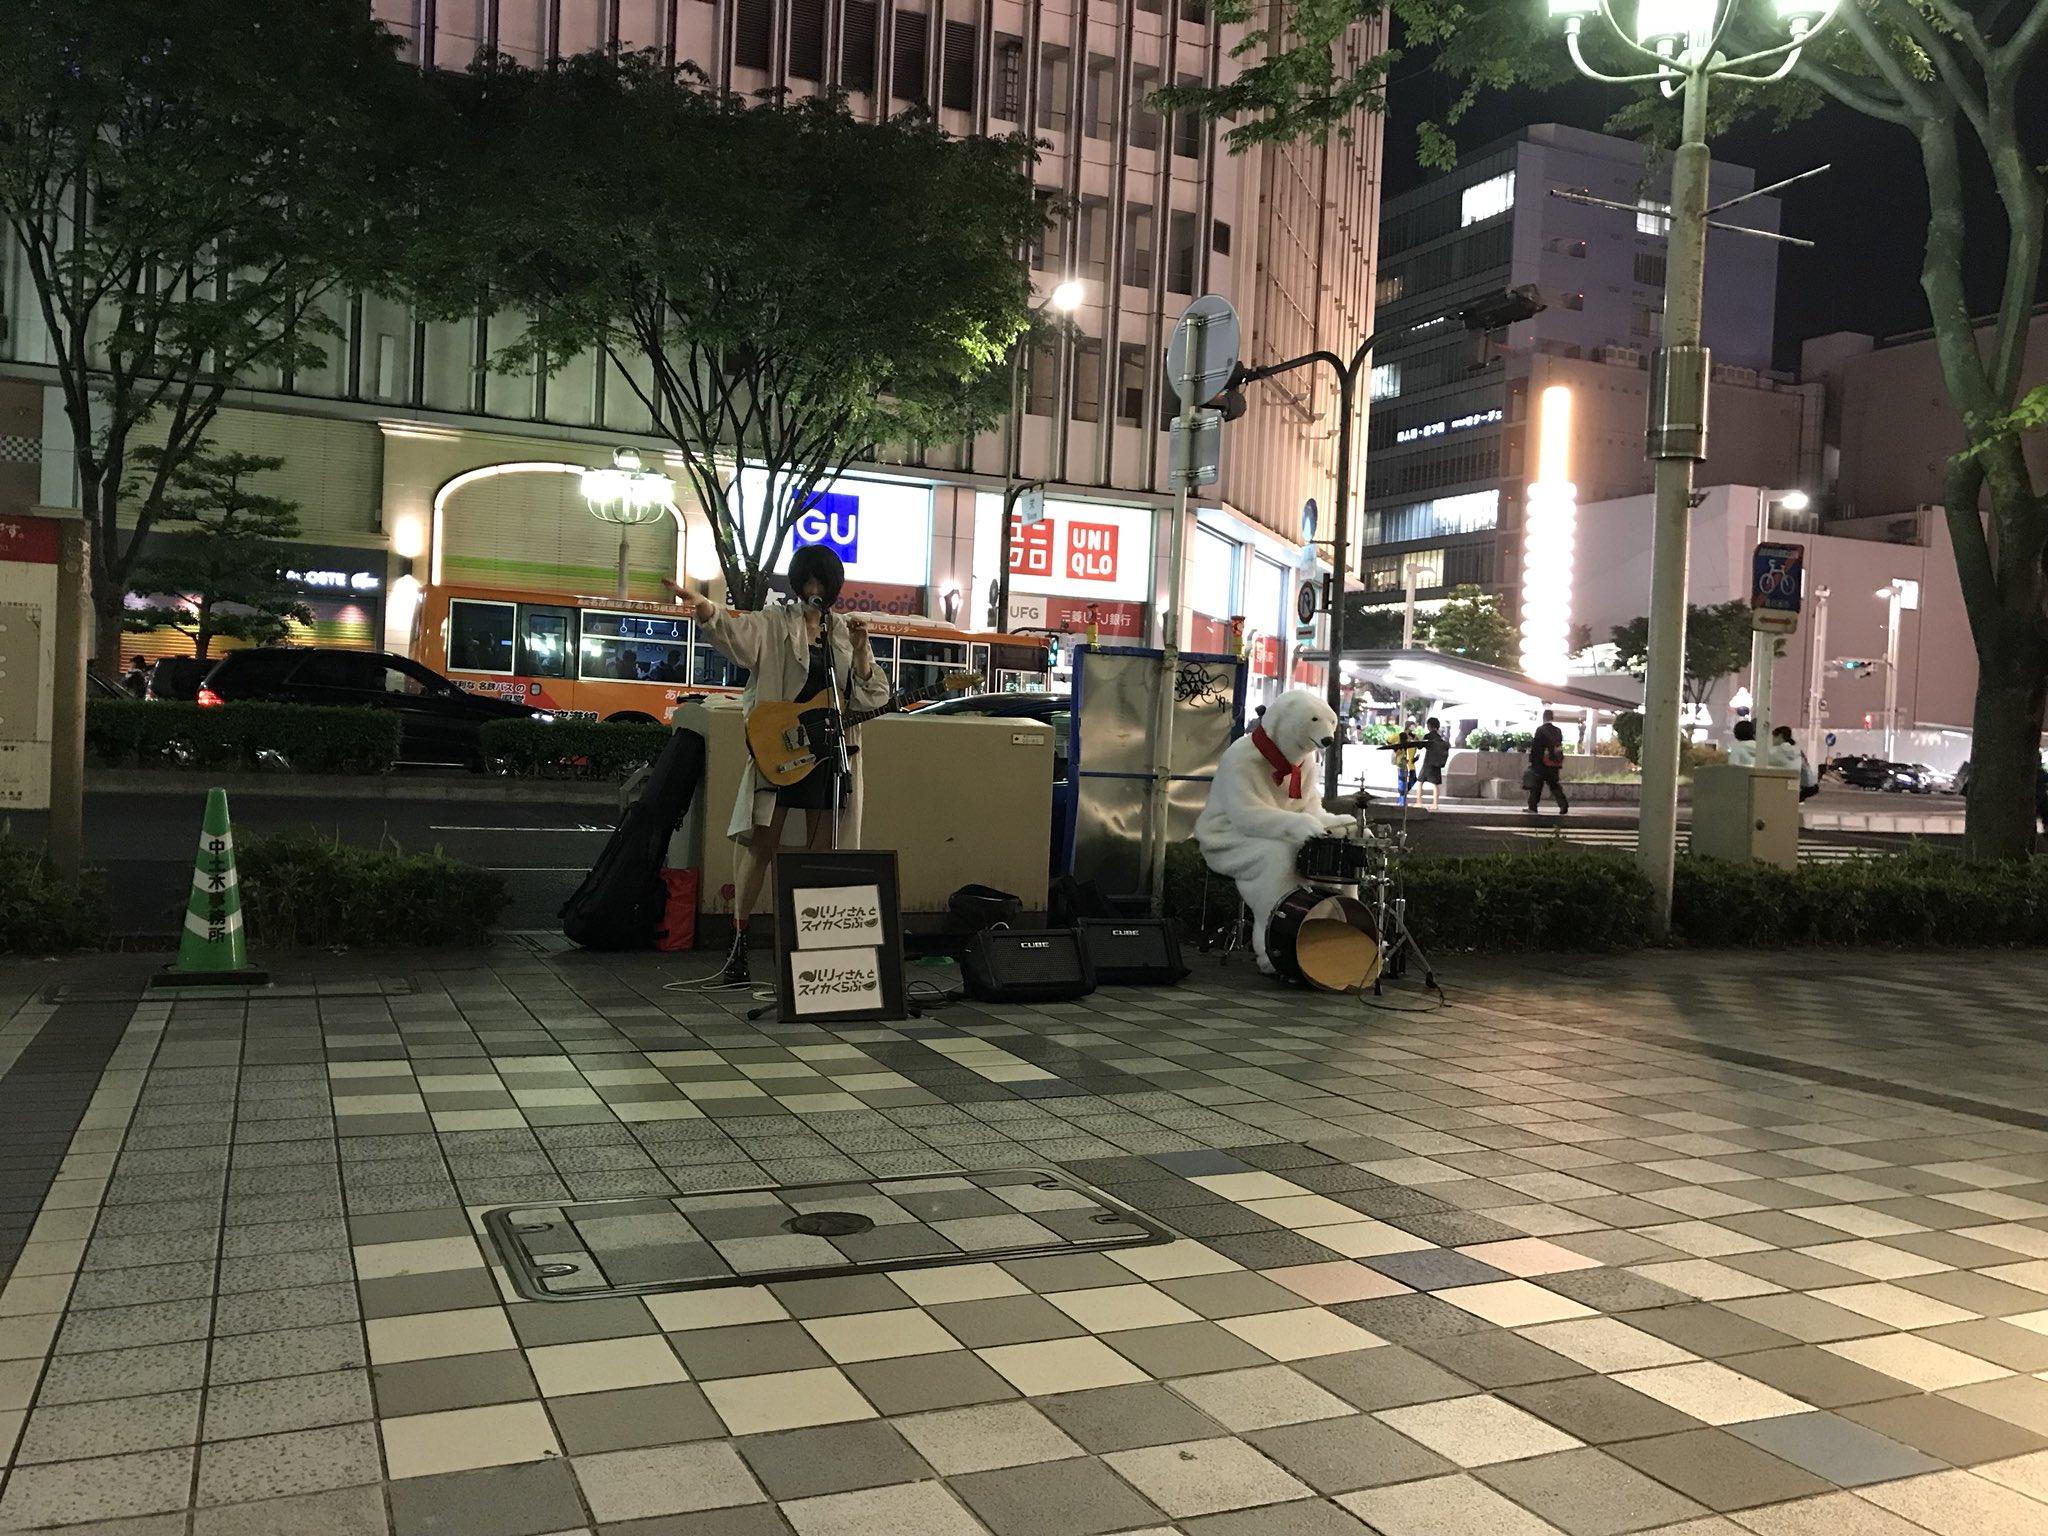 画像,名古屋 栄 2ステージ目ノリノリで3曲!#くま出没注意#ハリィさんとスイカくらぶ #ハリらぶなんか後ろをパトカーの大軍が、よーけ走ってたけど、栄のカラオケで立て…